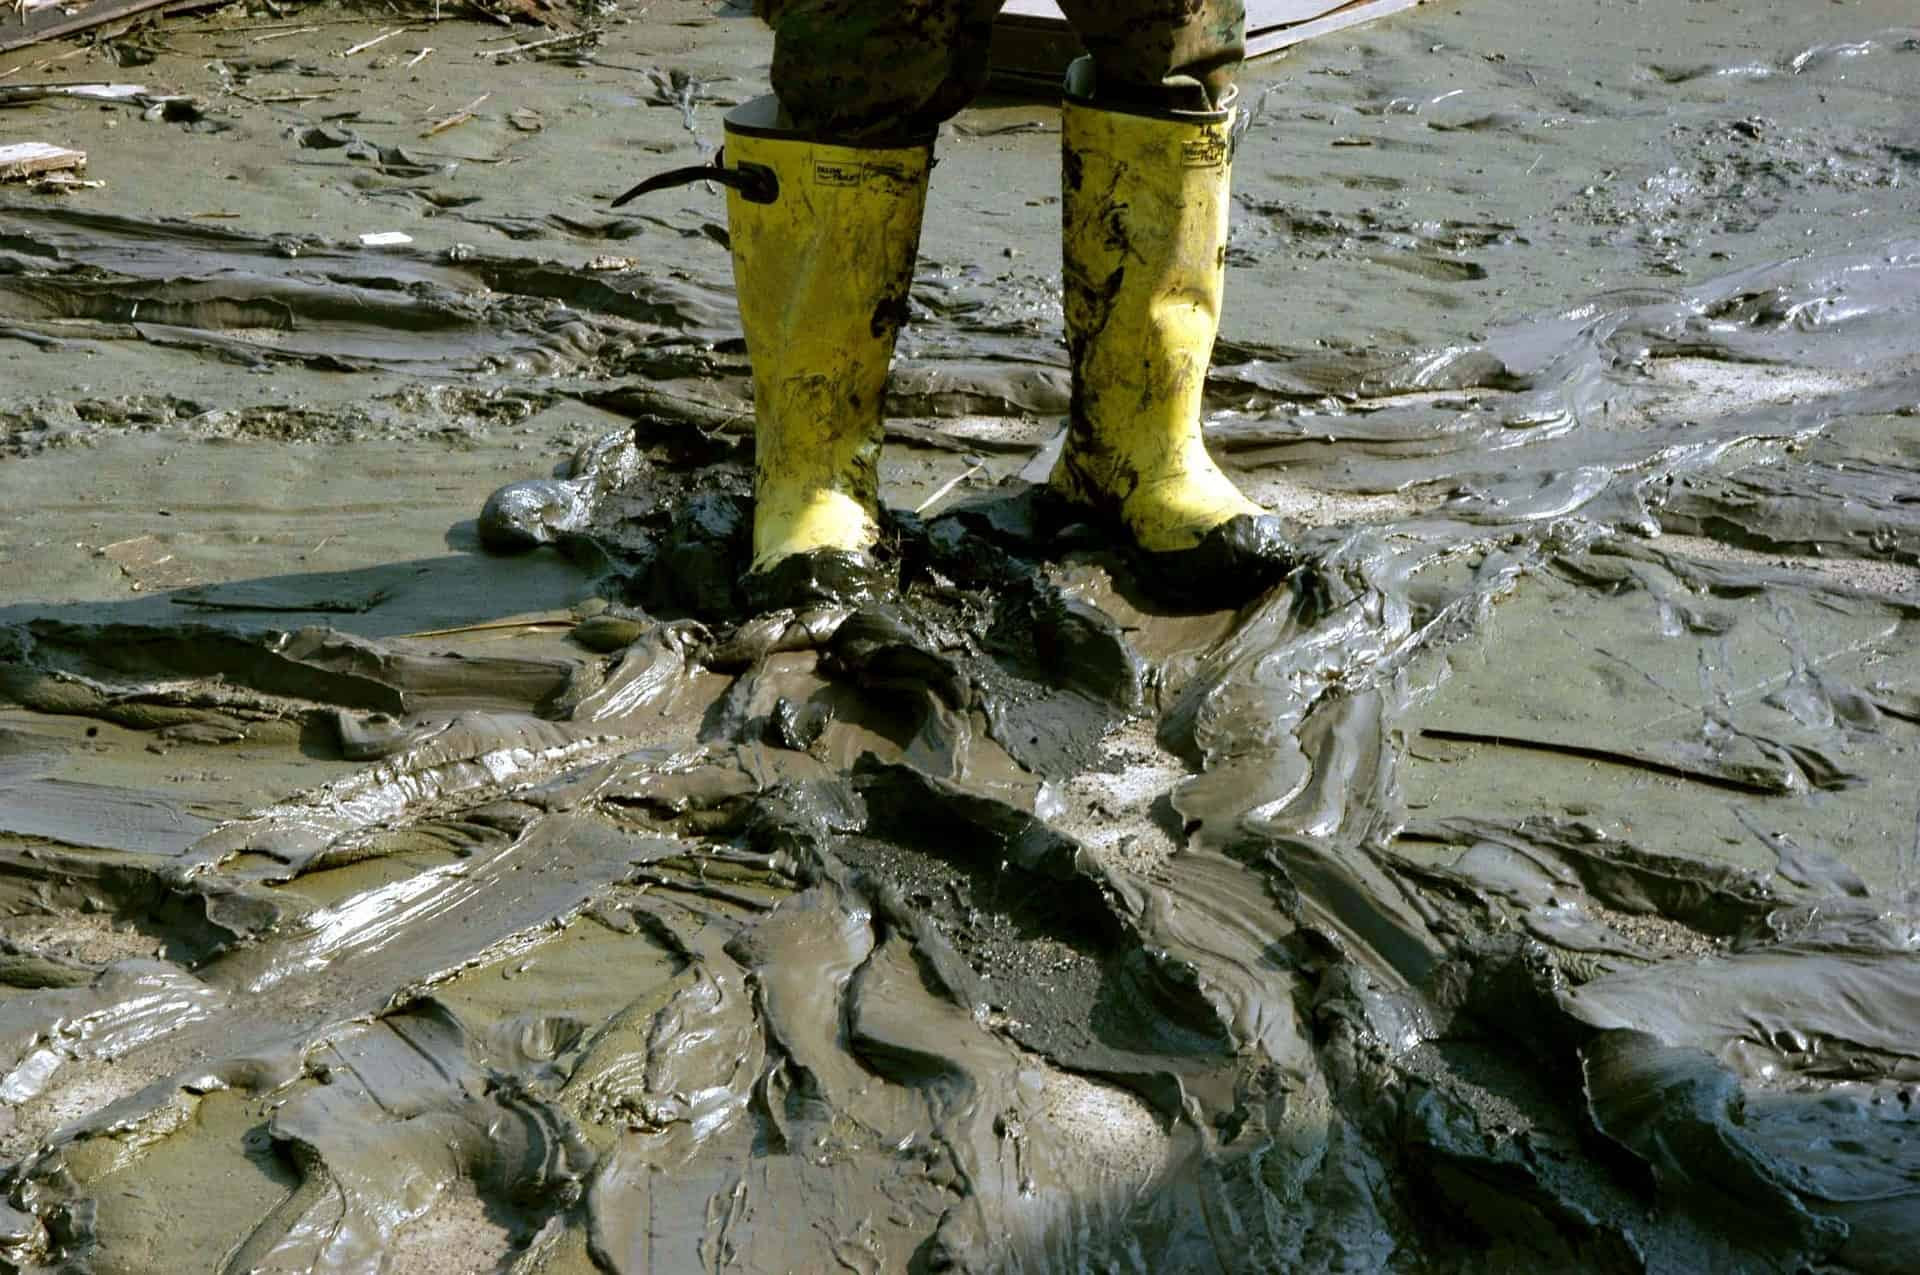 mud-616481_1920